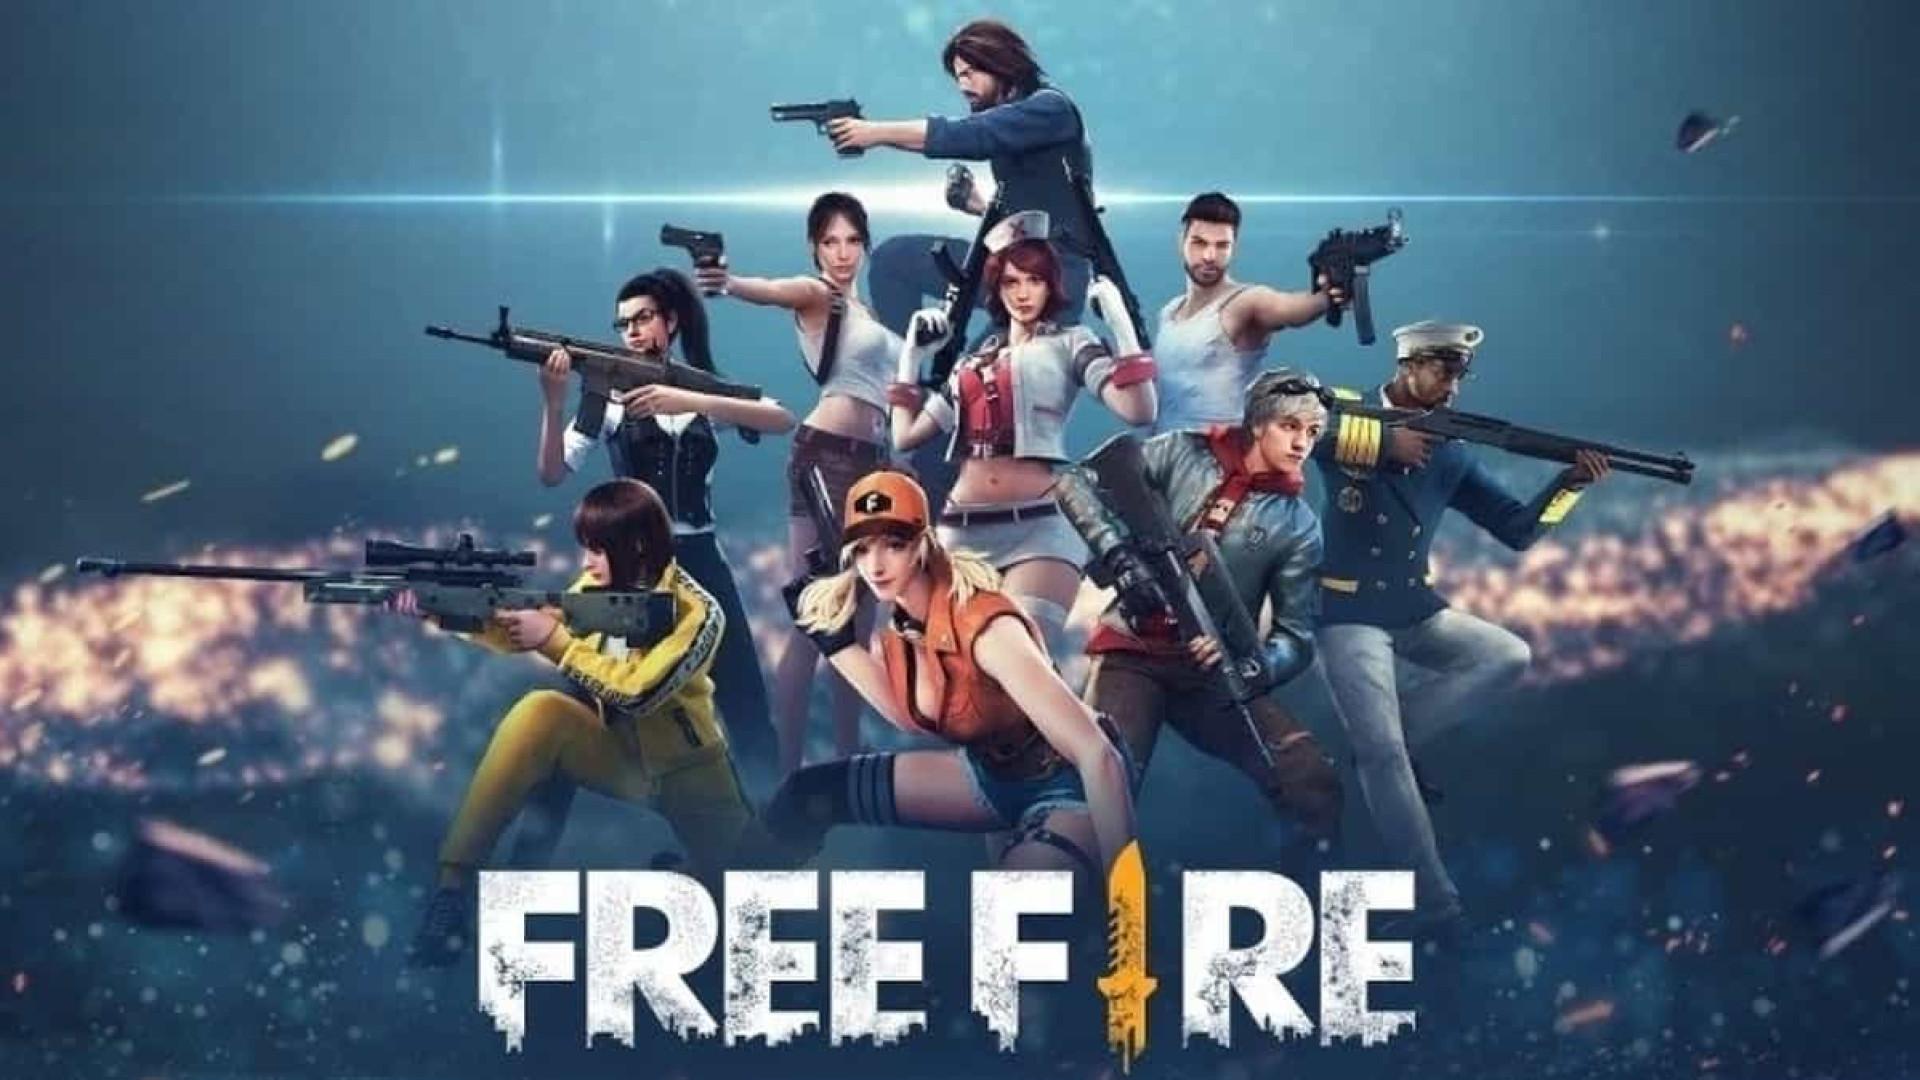 'Free Fire' cresce 33% número de jogadores no 1° trimestre de 2020